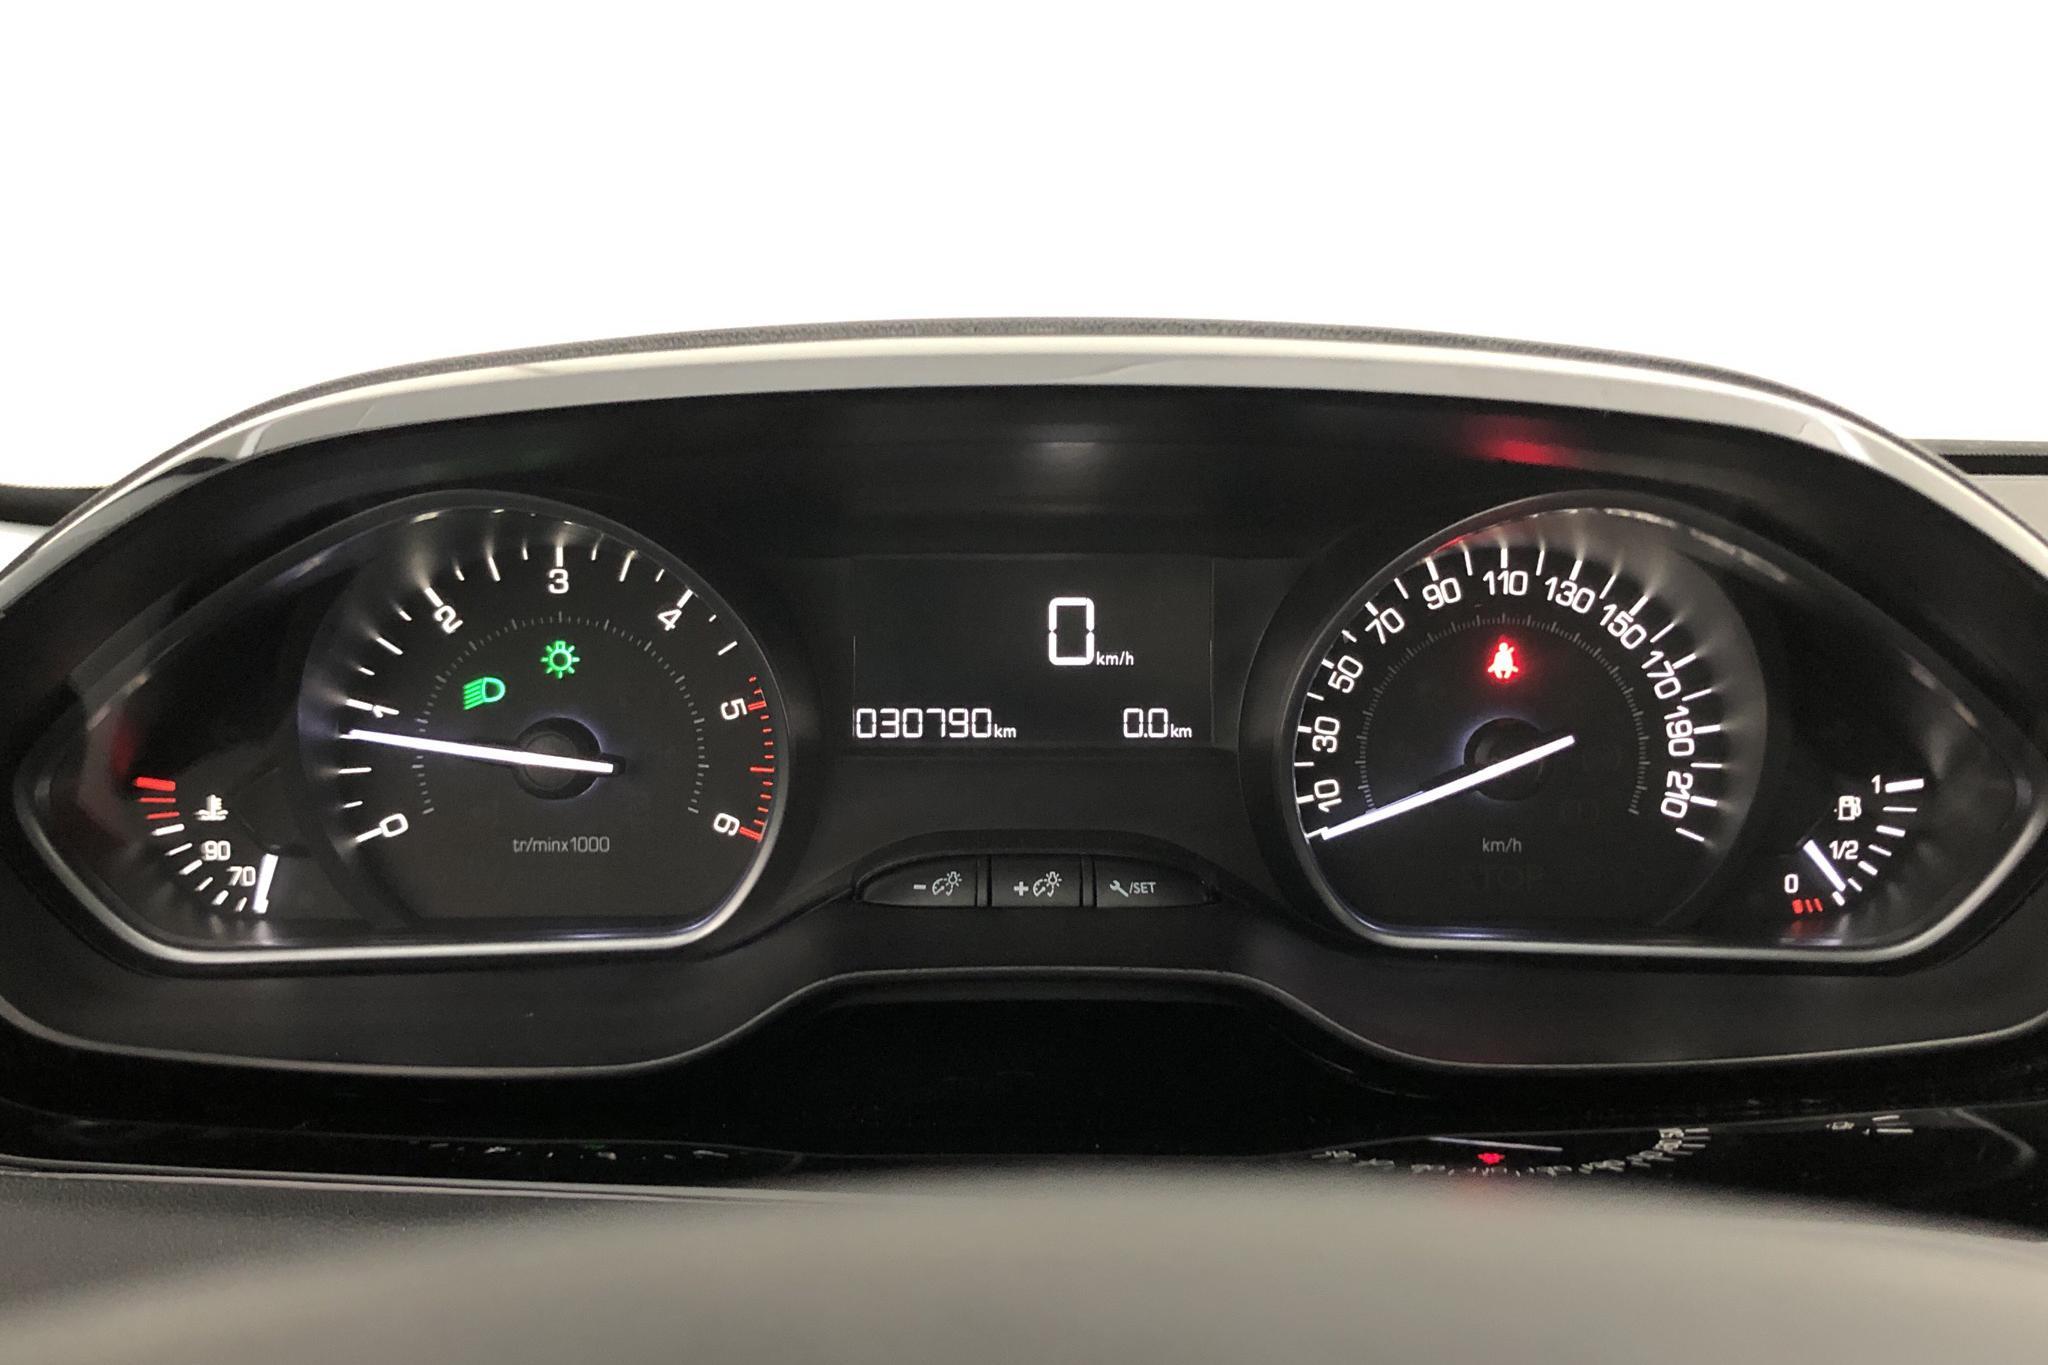 Peugeot 208 BlueHDi 5dr (100hk) - 0 km - Manual - white - 2016